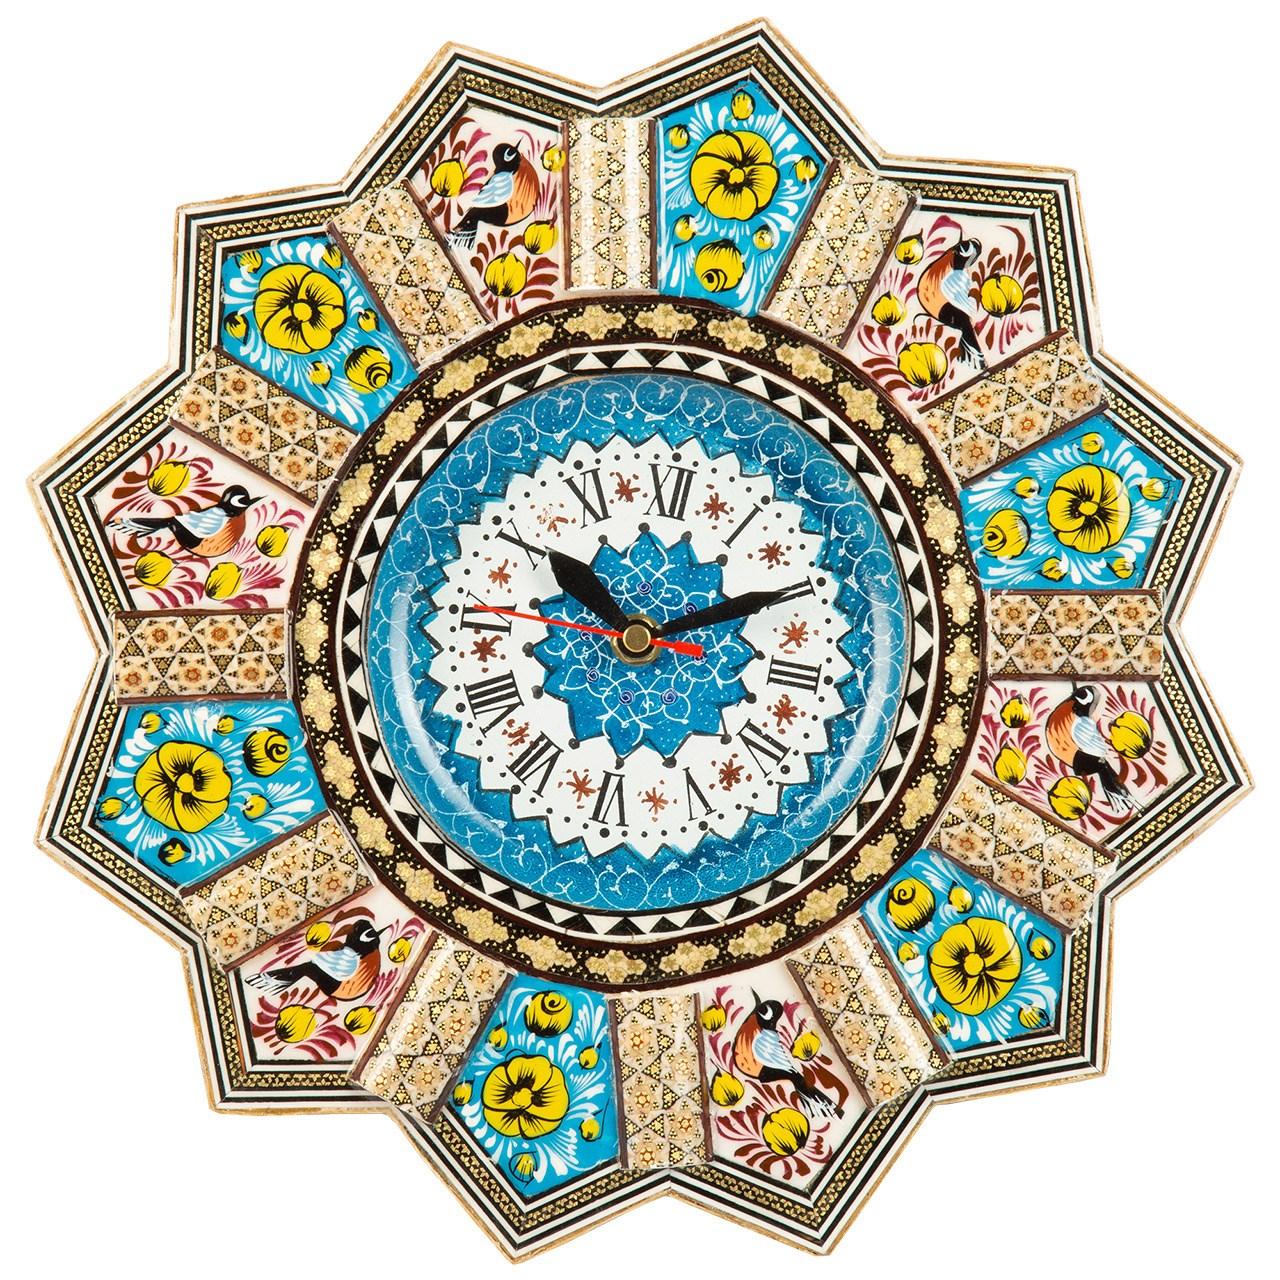 عکس ساعت دیواری خاتم کاری گالری گوهران مدل زرین کد 1388